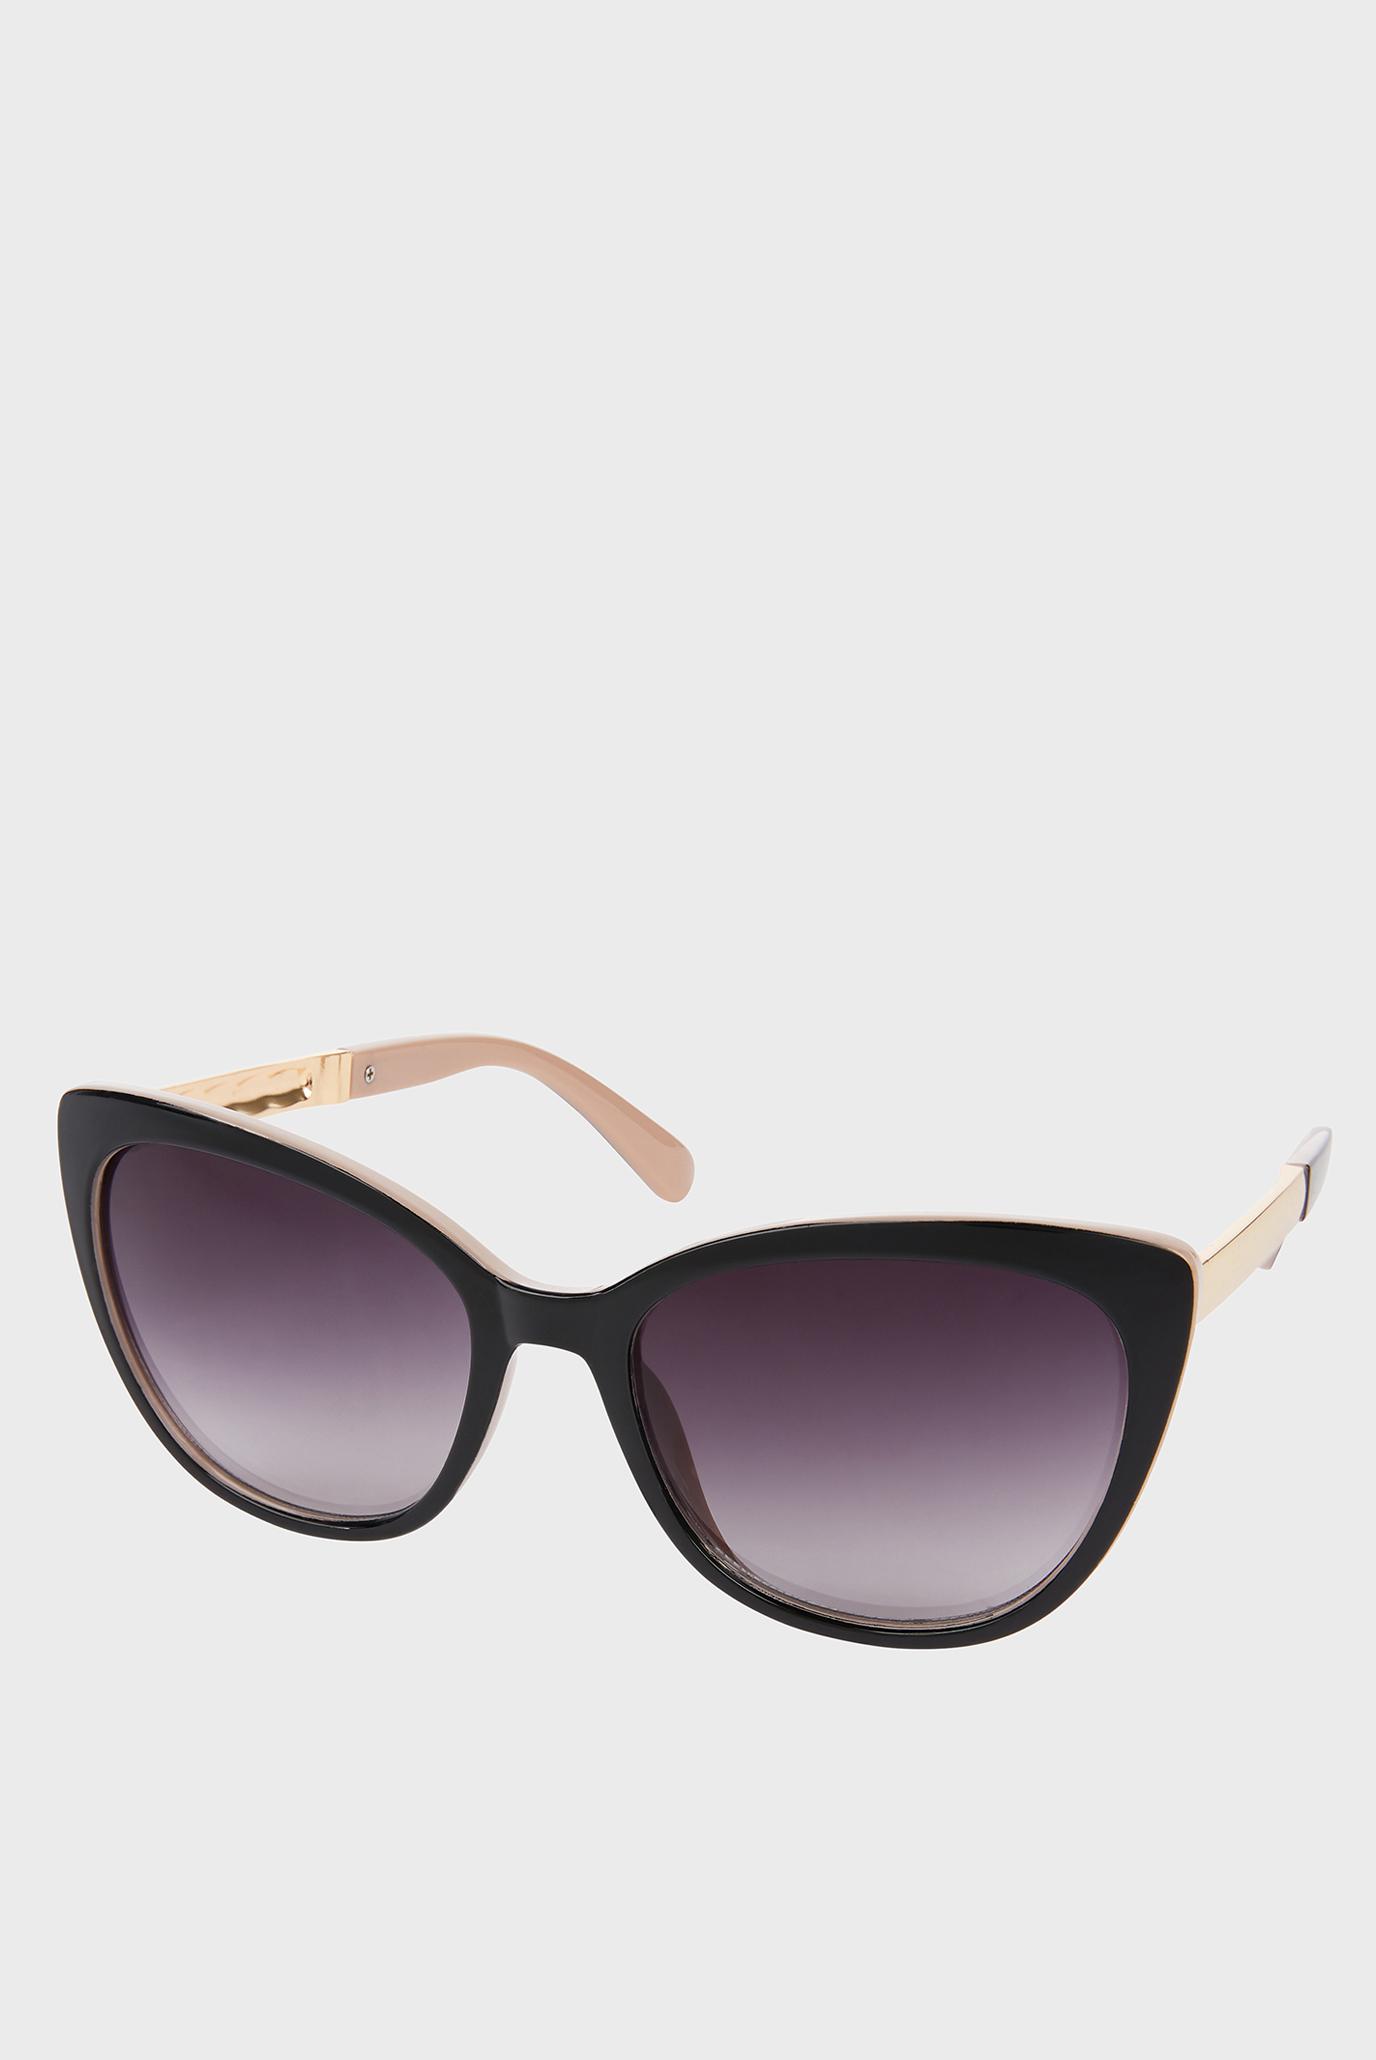 Жіночі сонцезахисні окуляри CARRIE NUDE ARM CAT 1